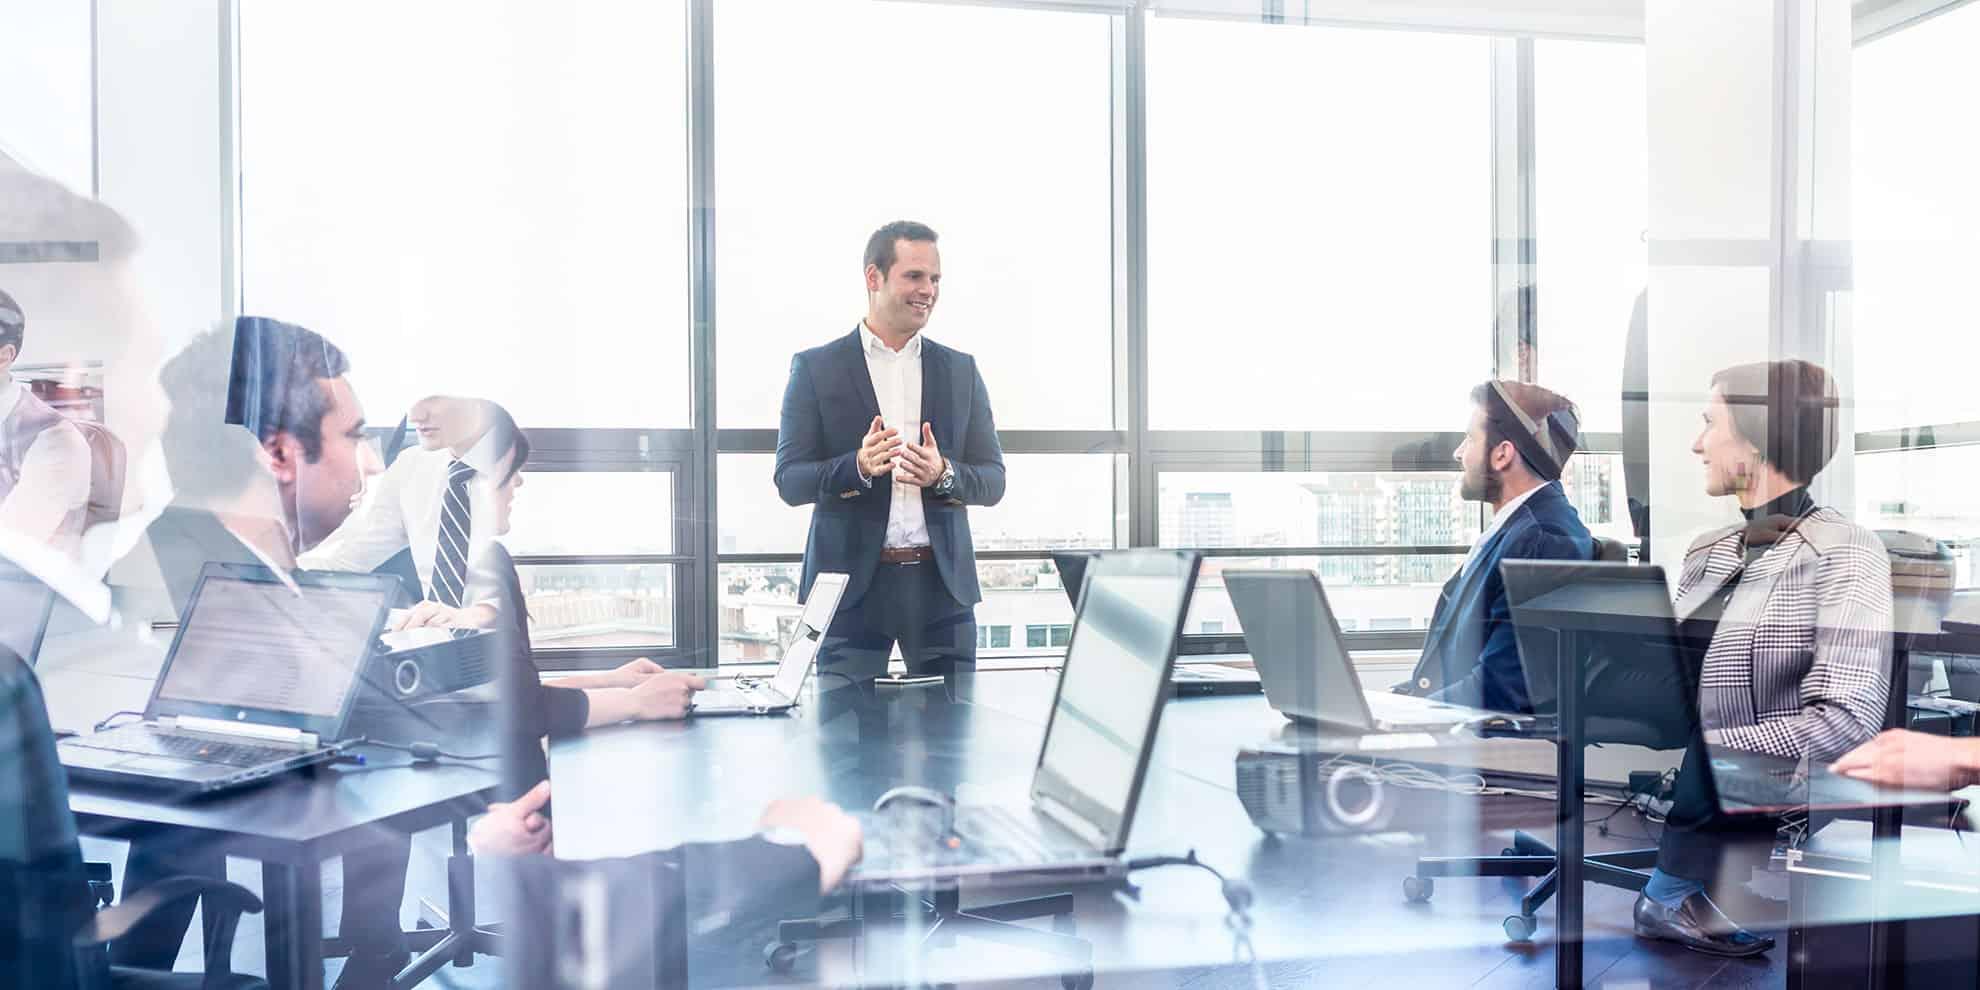 El síndrome de la soledad del ejecutivo